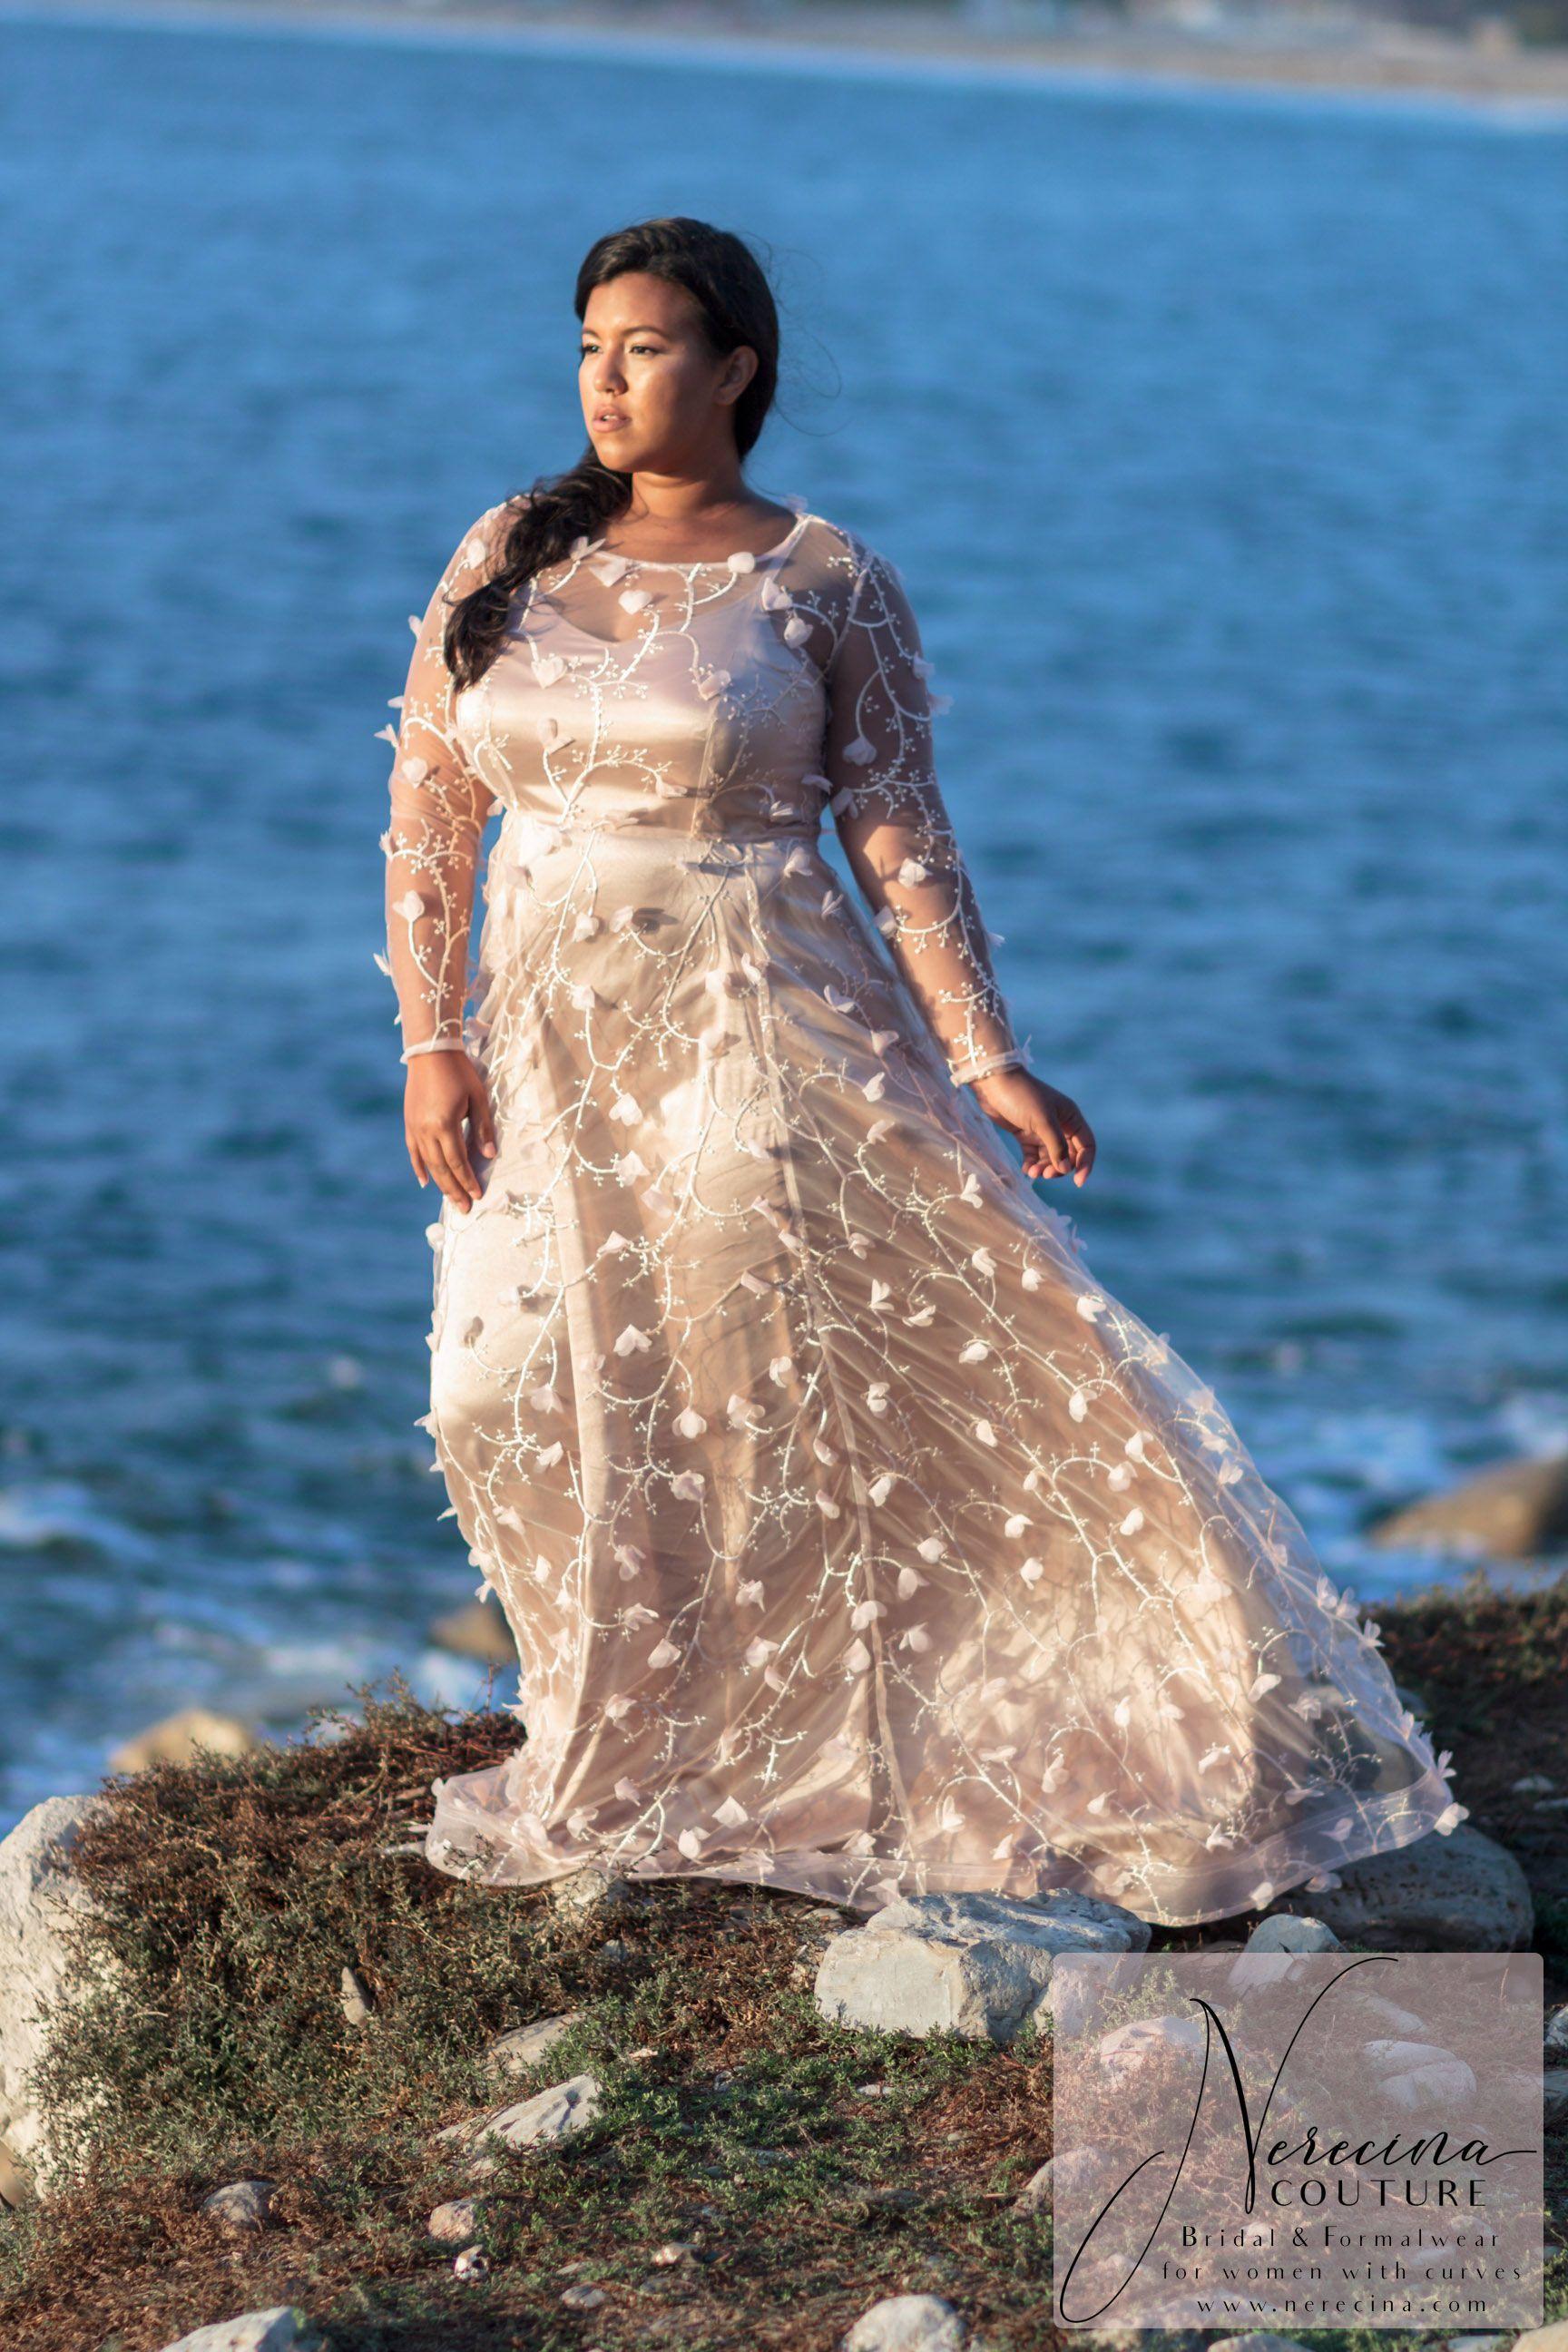 Nerecina Couture Boho Glam Plus Size Wedding Dress Wedding Gowns With Sleeves Plus Size Wedding Dresses Blush Short Wedding Dress [ 2592 x 1728 Pixel ]